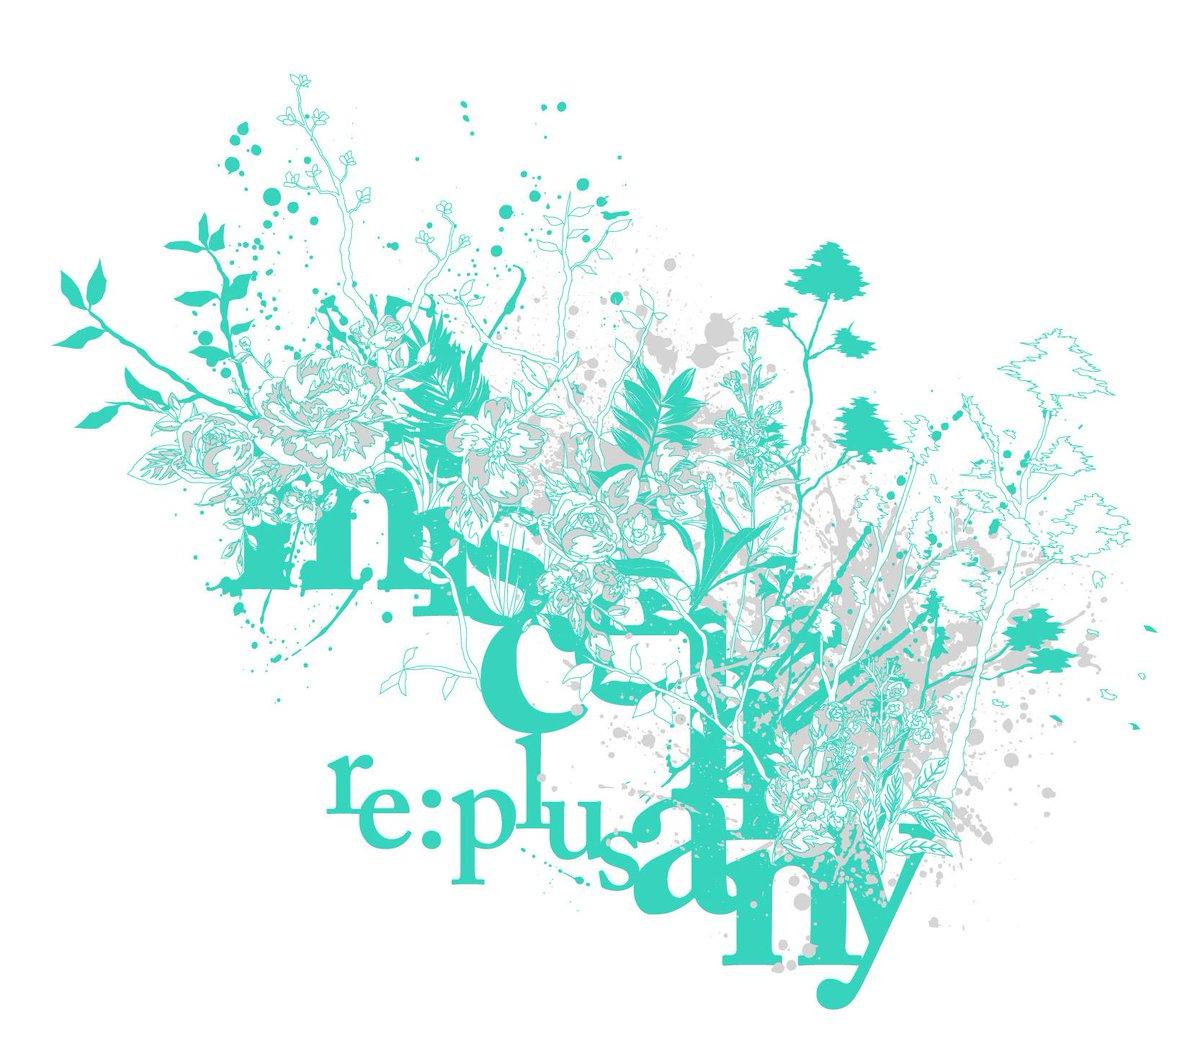 【遂に!】re:plus 3年振りの3rdアルバム「miscellany」本日よりiTunes先行配信スタート! http://t.co/hG5Whe6Hi2 そして!本日19時にはあの曲のPVと特大ボムを投下予定!お楽しみに!!! http://t.co/gehTnflqC2